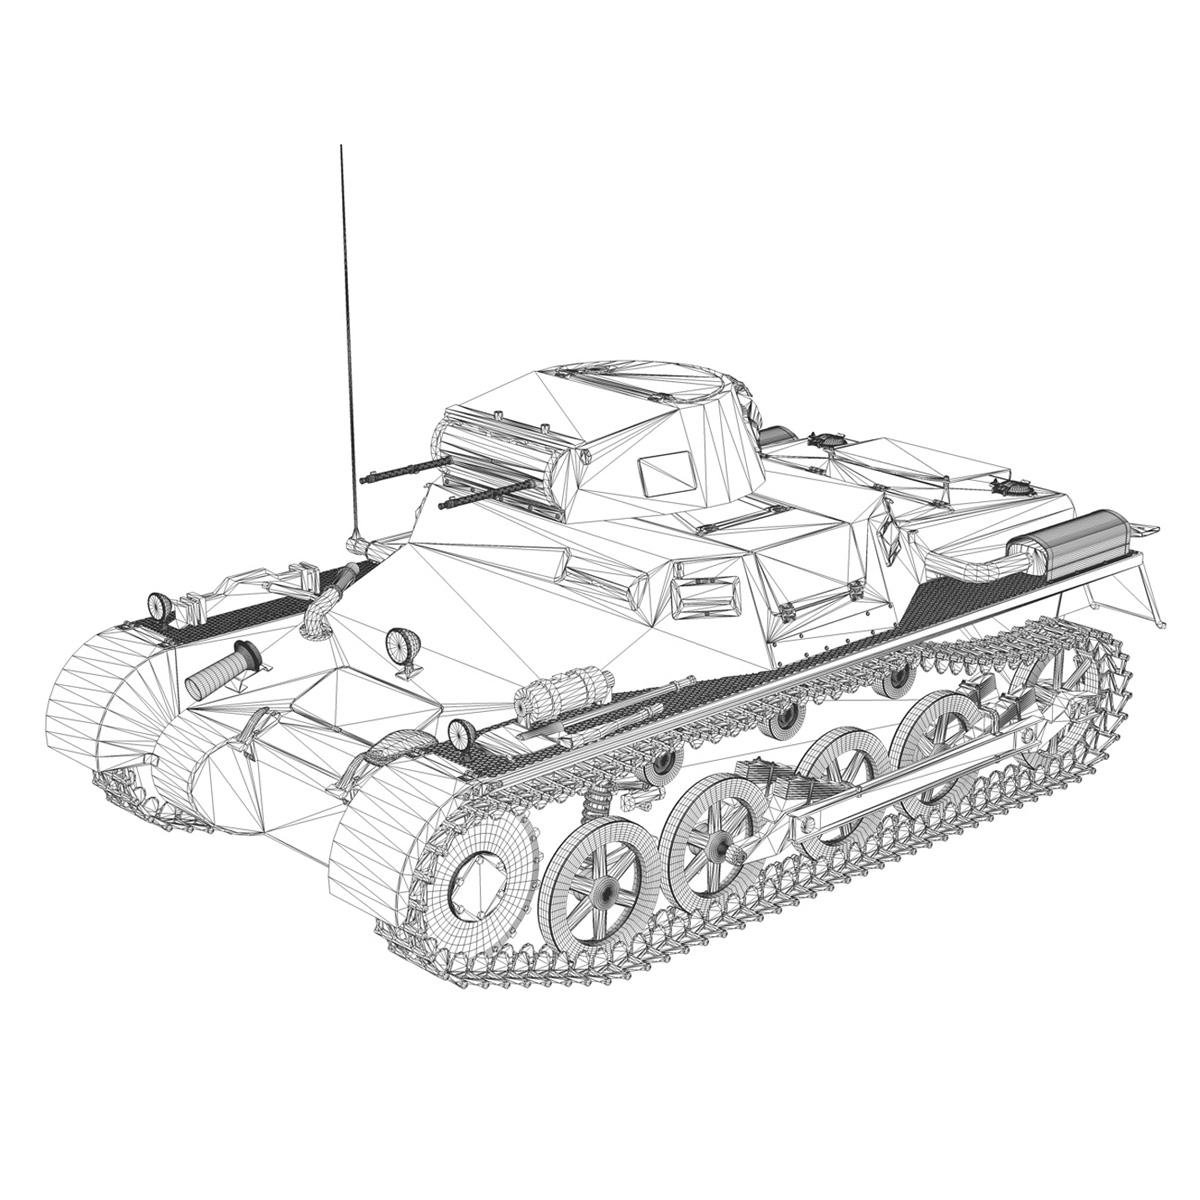 pzkpfw 1 – panzer 1 – ausf. a – 523 3d model 3ds c4d lwo obj 264396